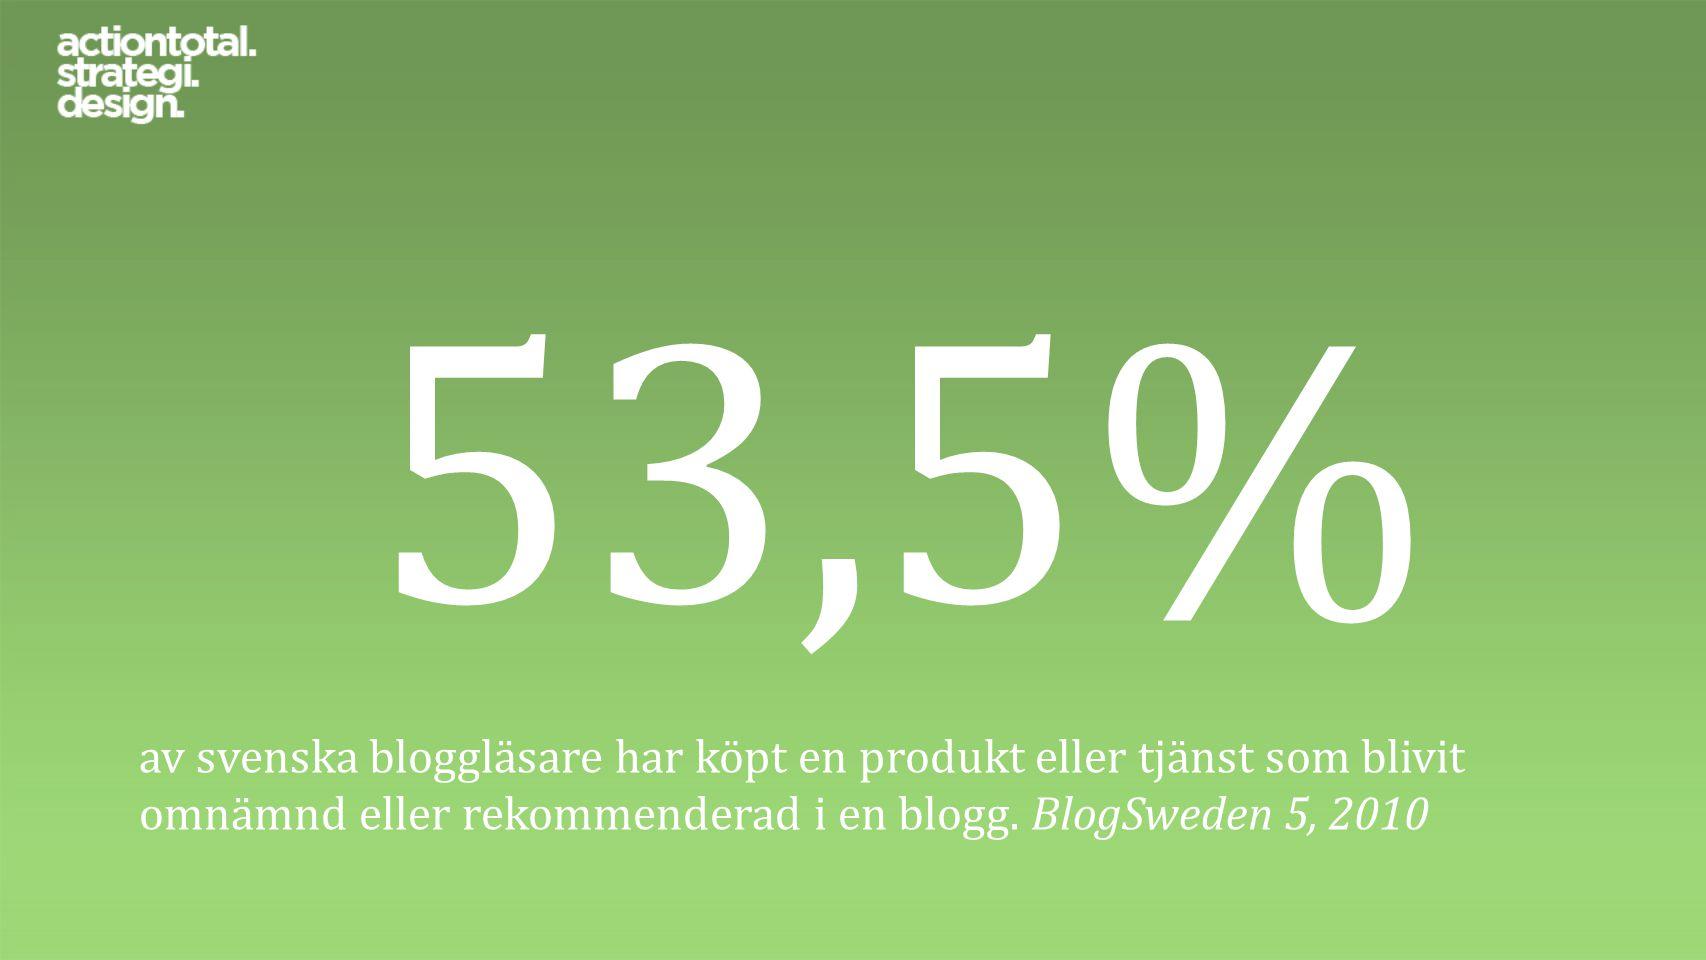 53,5% av svenska bloggläsare har köpt en produkt eller tjänst som blivit omnämnd eller rekommenderad i en blogg. BlogSweden 5, 2010